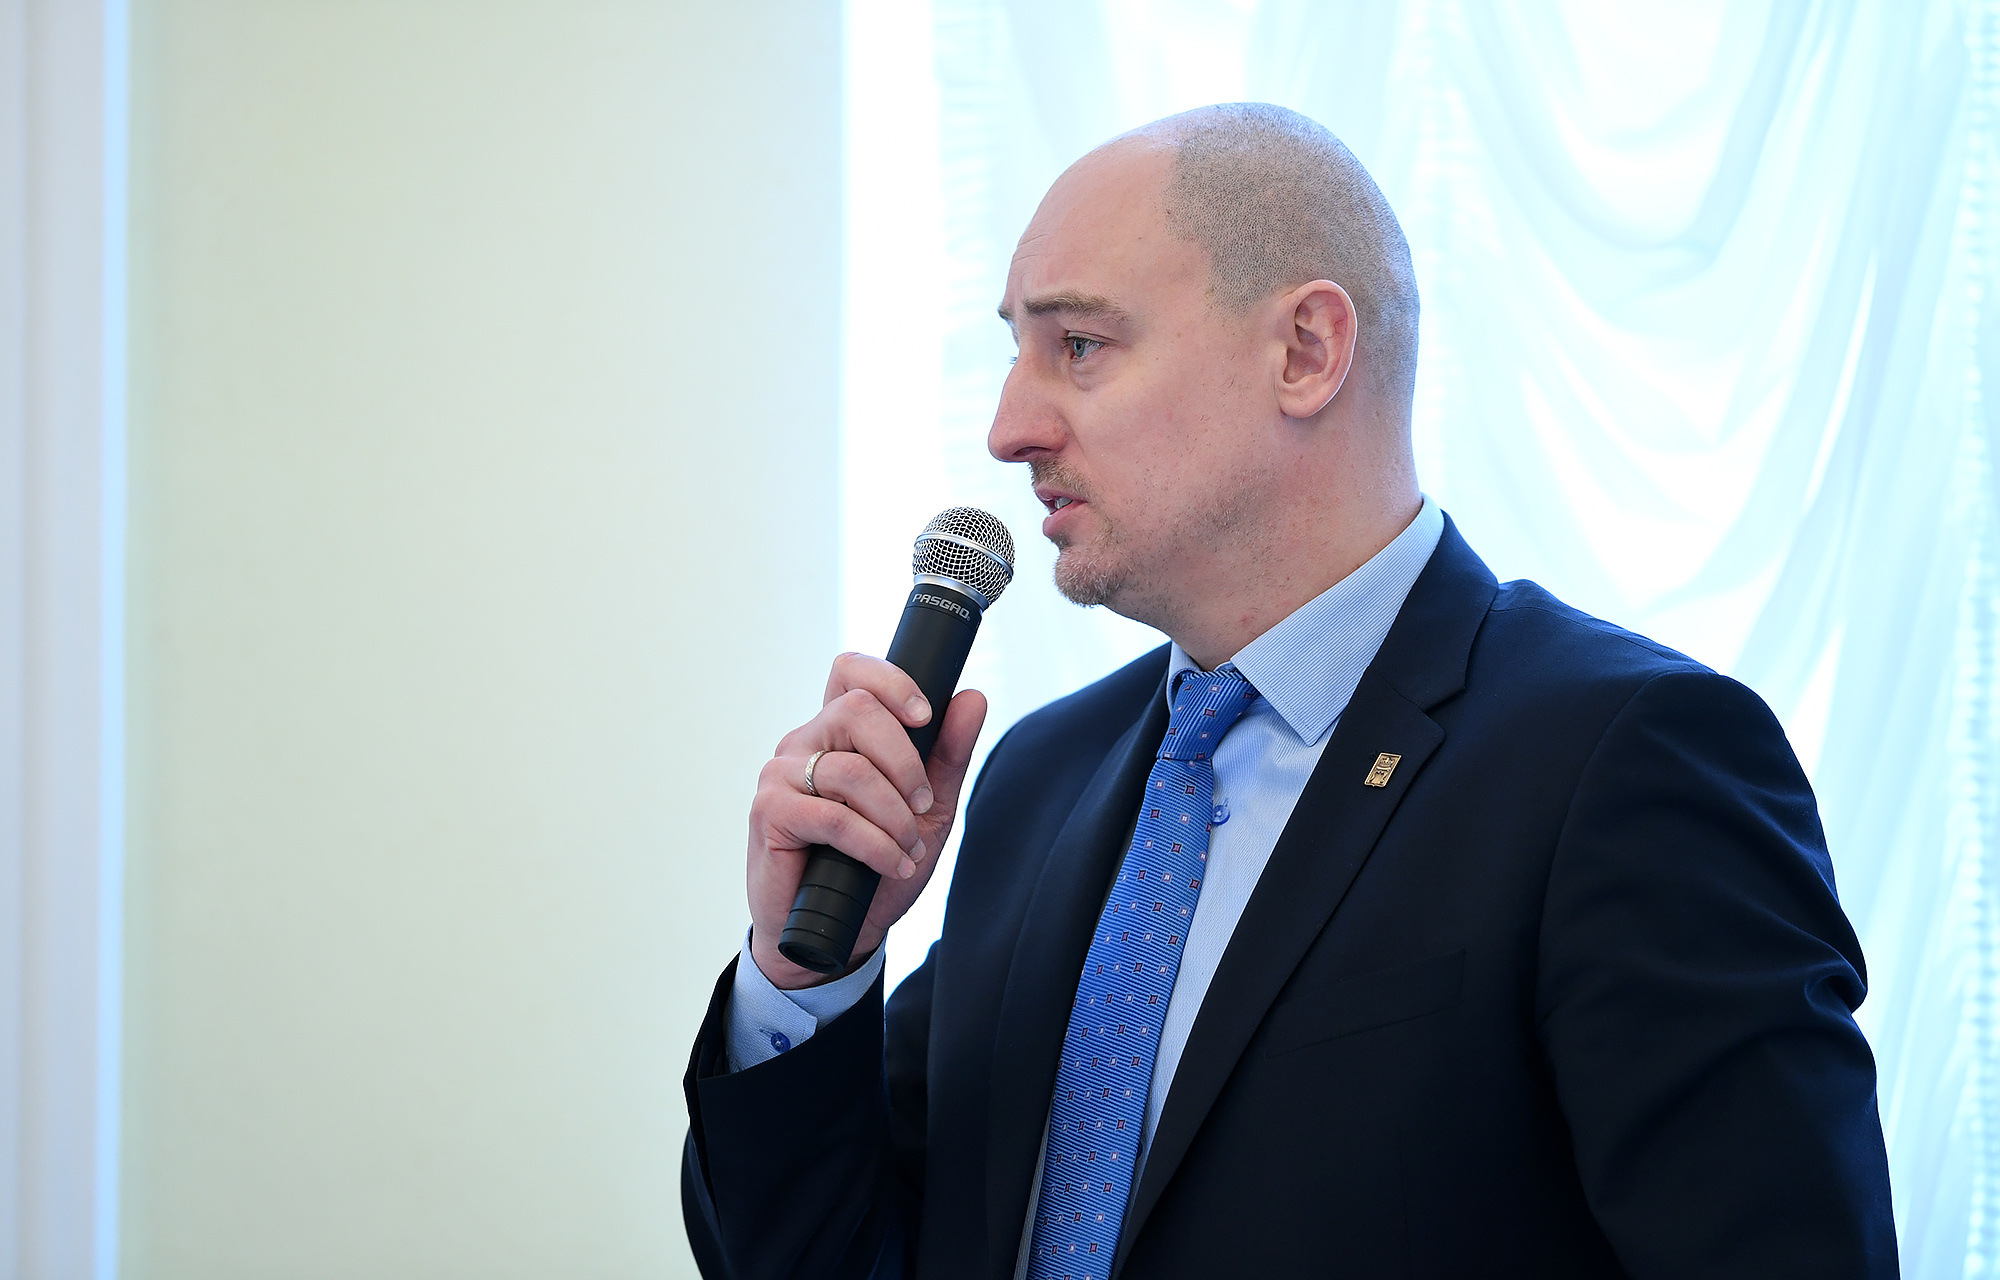 Андрей Дмитриев: Программа выглядит достаточно реалистичной